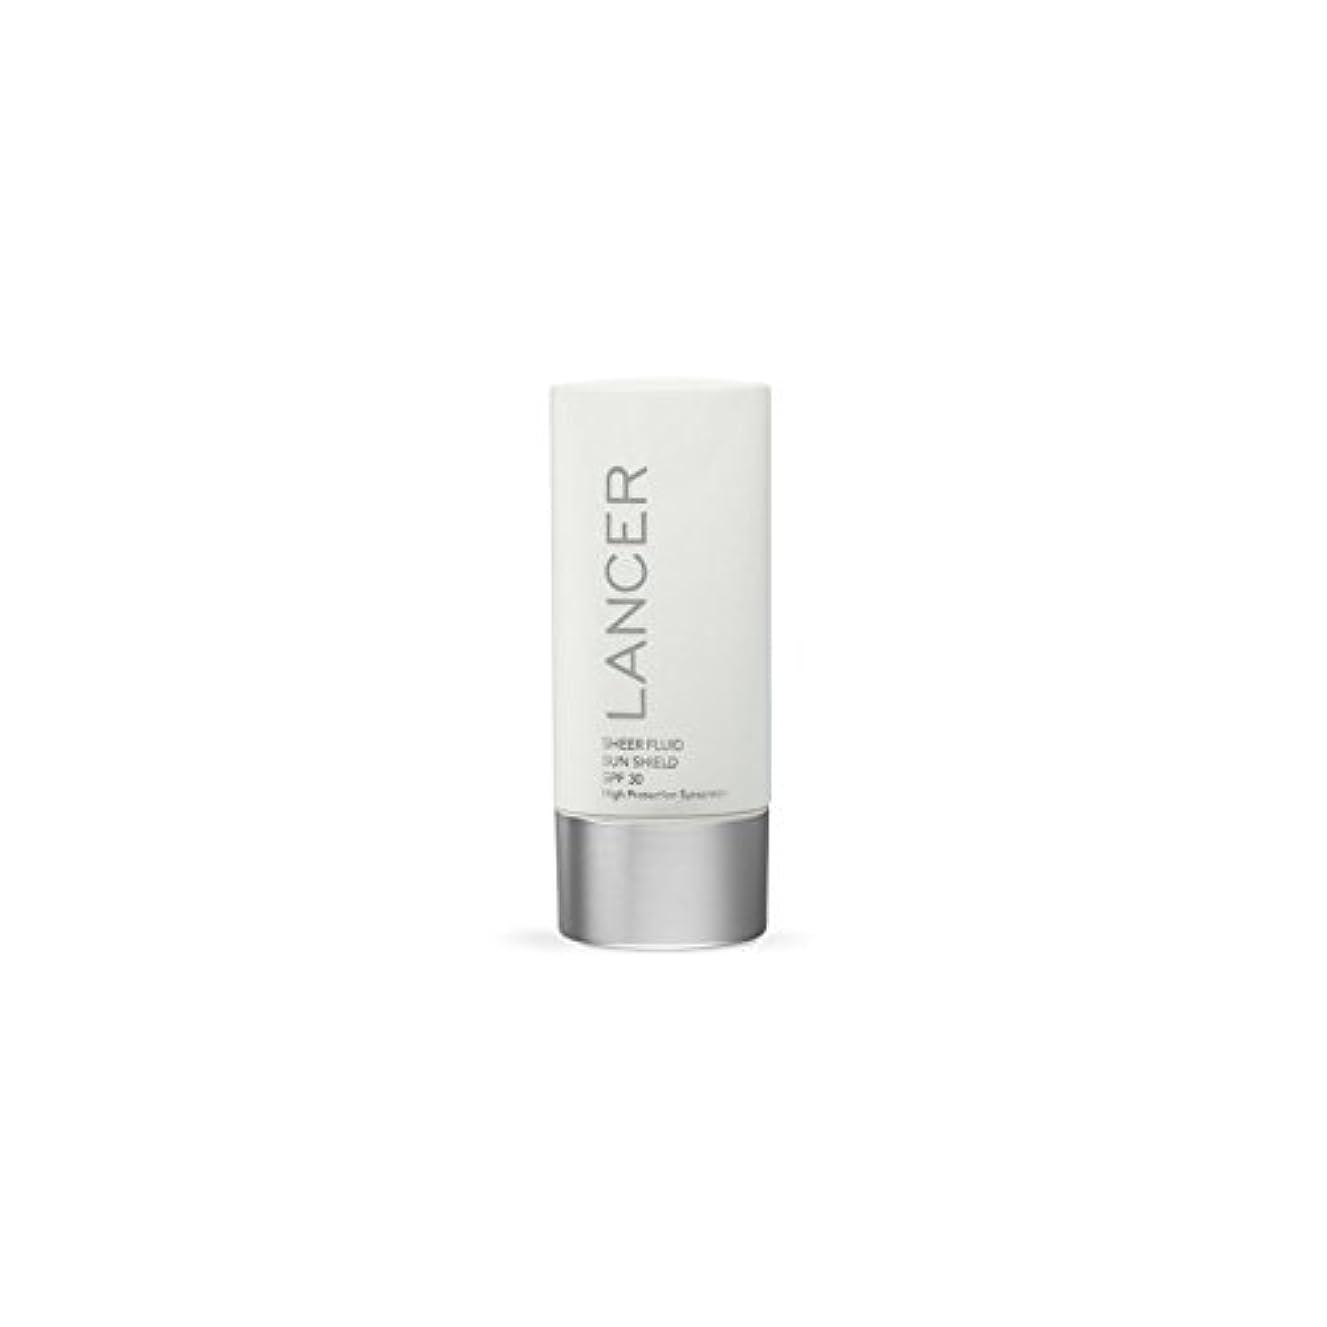 音声解明フライトLancer Skincare Sheer Fluid Sun Shield Spf 30 (60ml) (Pack of 6) - ランサースキンケア切り立った流体サンシールド 30(60ミリリットル) x6 [並行輸入品]